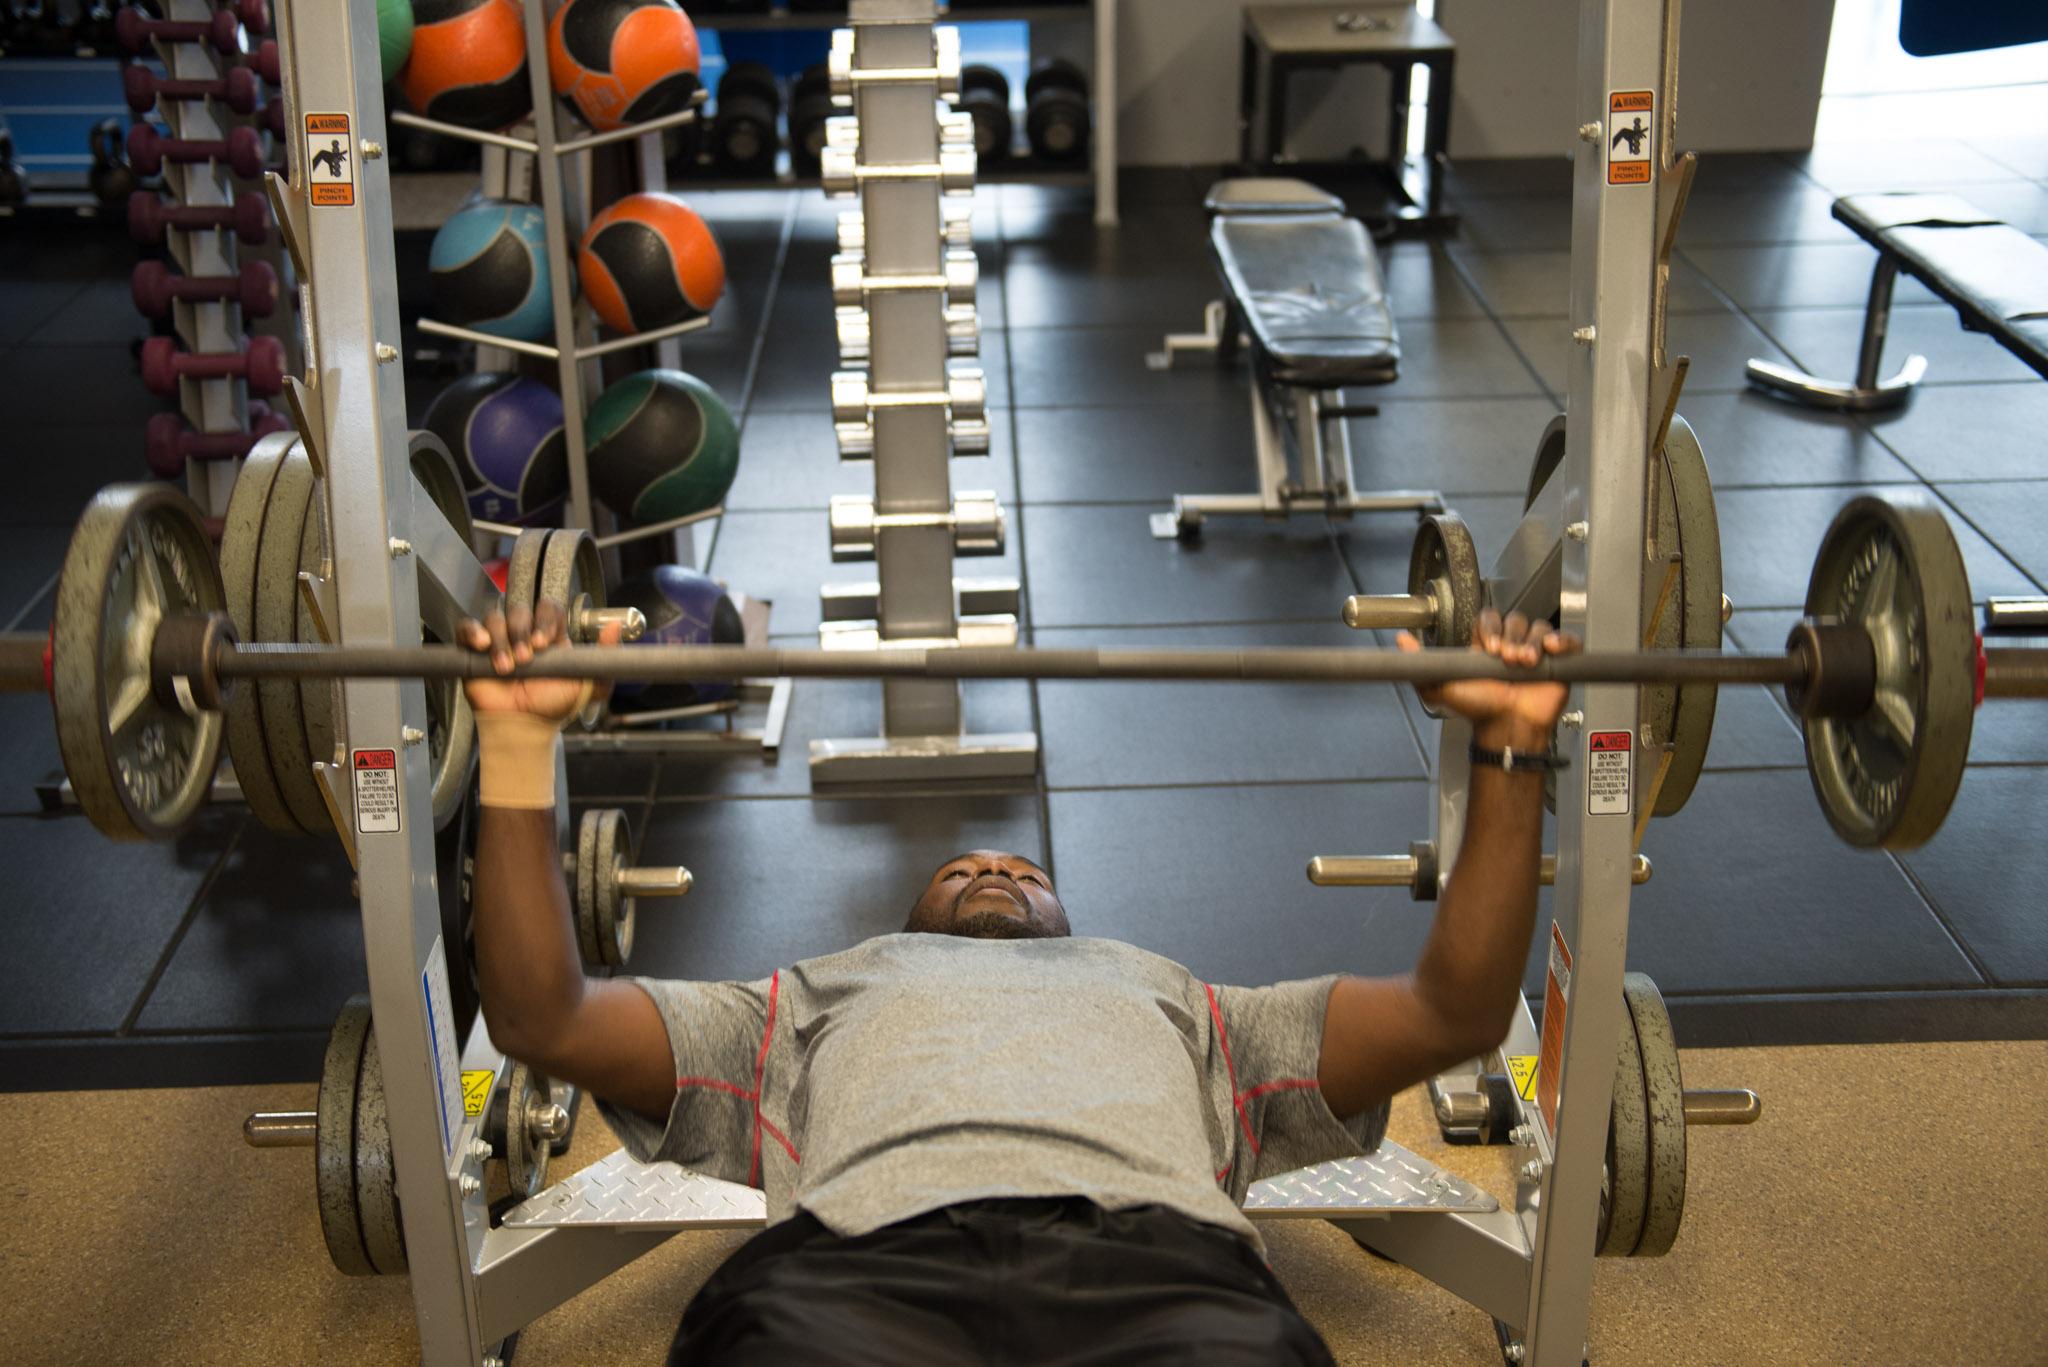 Wellness Center Stock Photos-1322.jpg